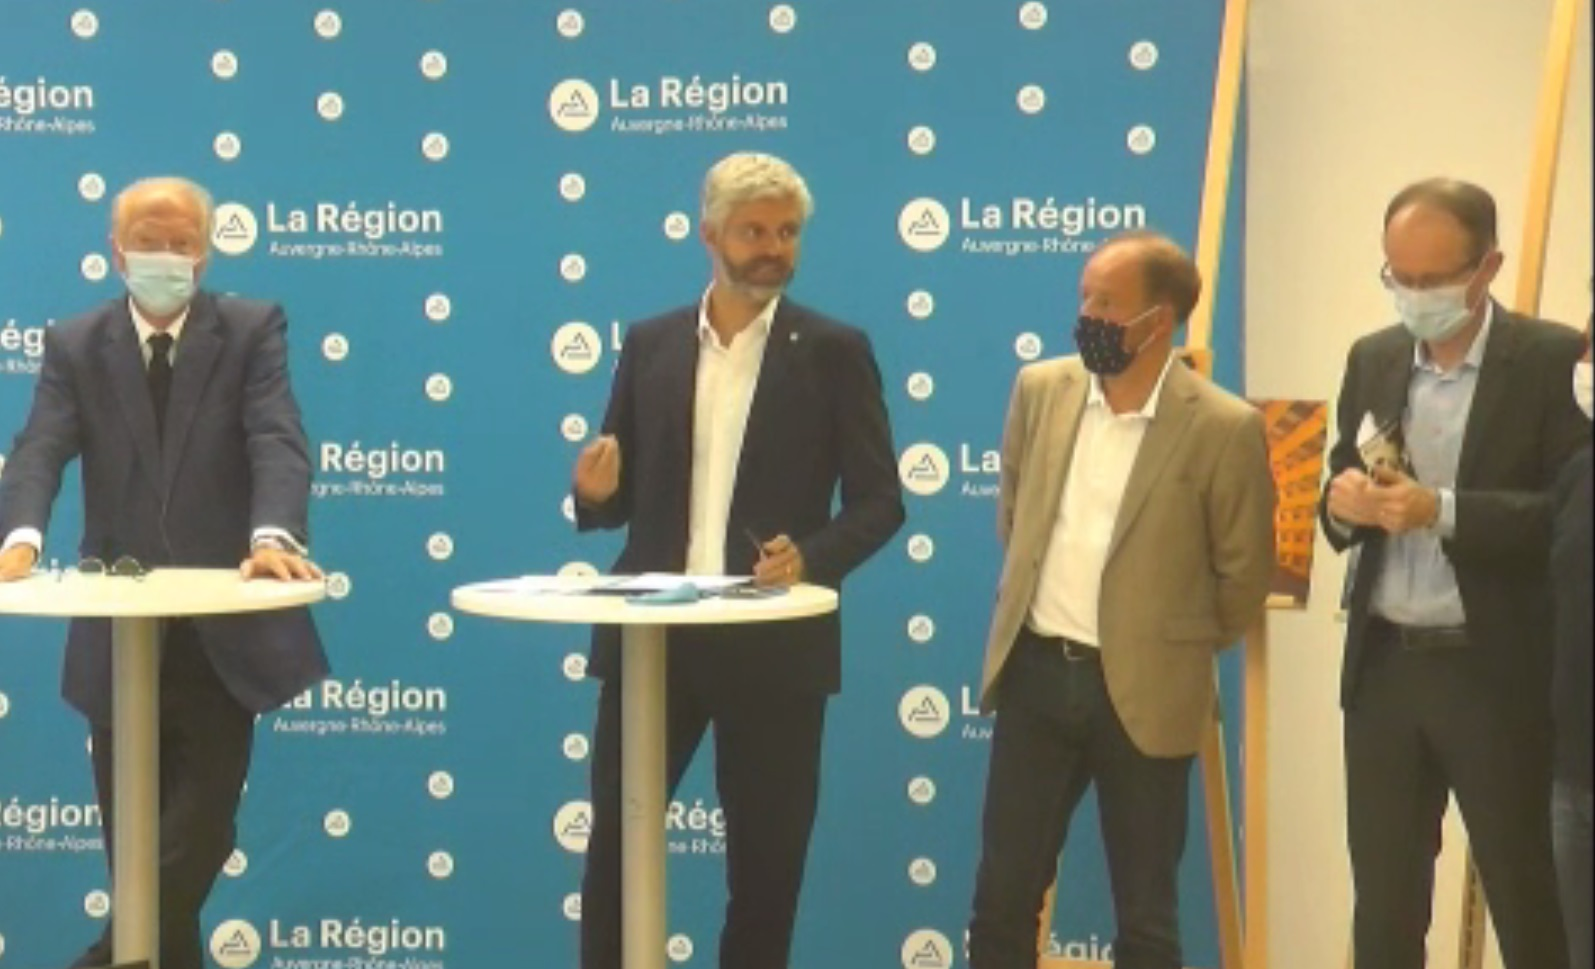 Laurent Wauquiez entouré des professionnels du tourisme auvergnat lors du point presse ce lundi 14 septembre 2020 - DR